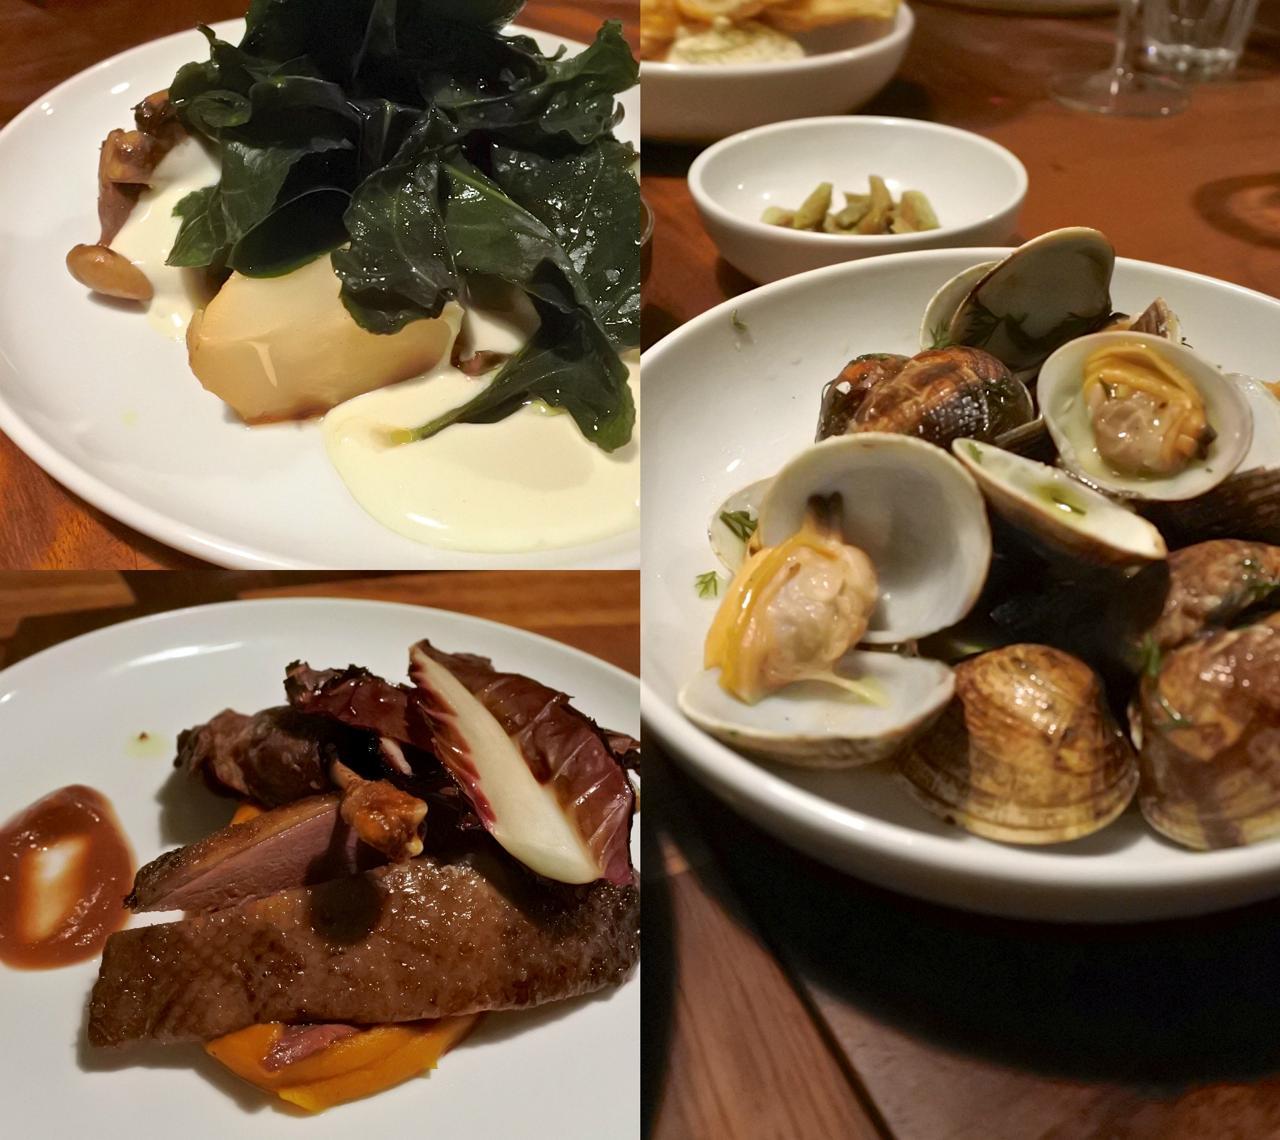 レモン・ソルト・ソースでいただくグリルしたアサリ(右)、セロリアックのロースト(左上)、鴨肉のソテー(左下)